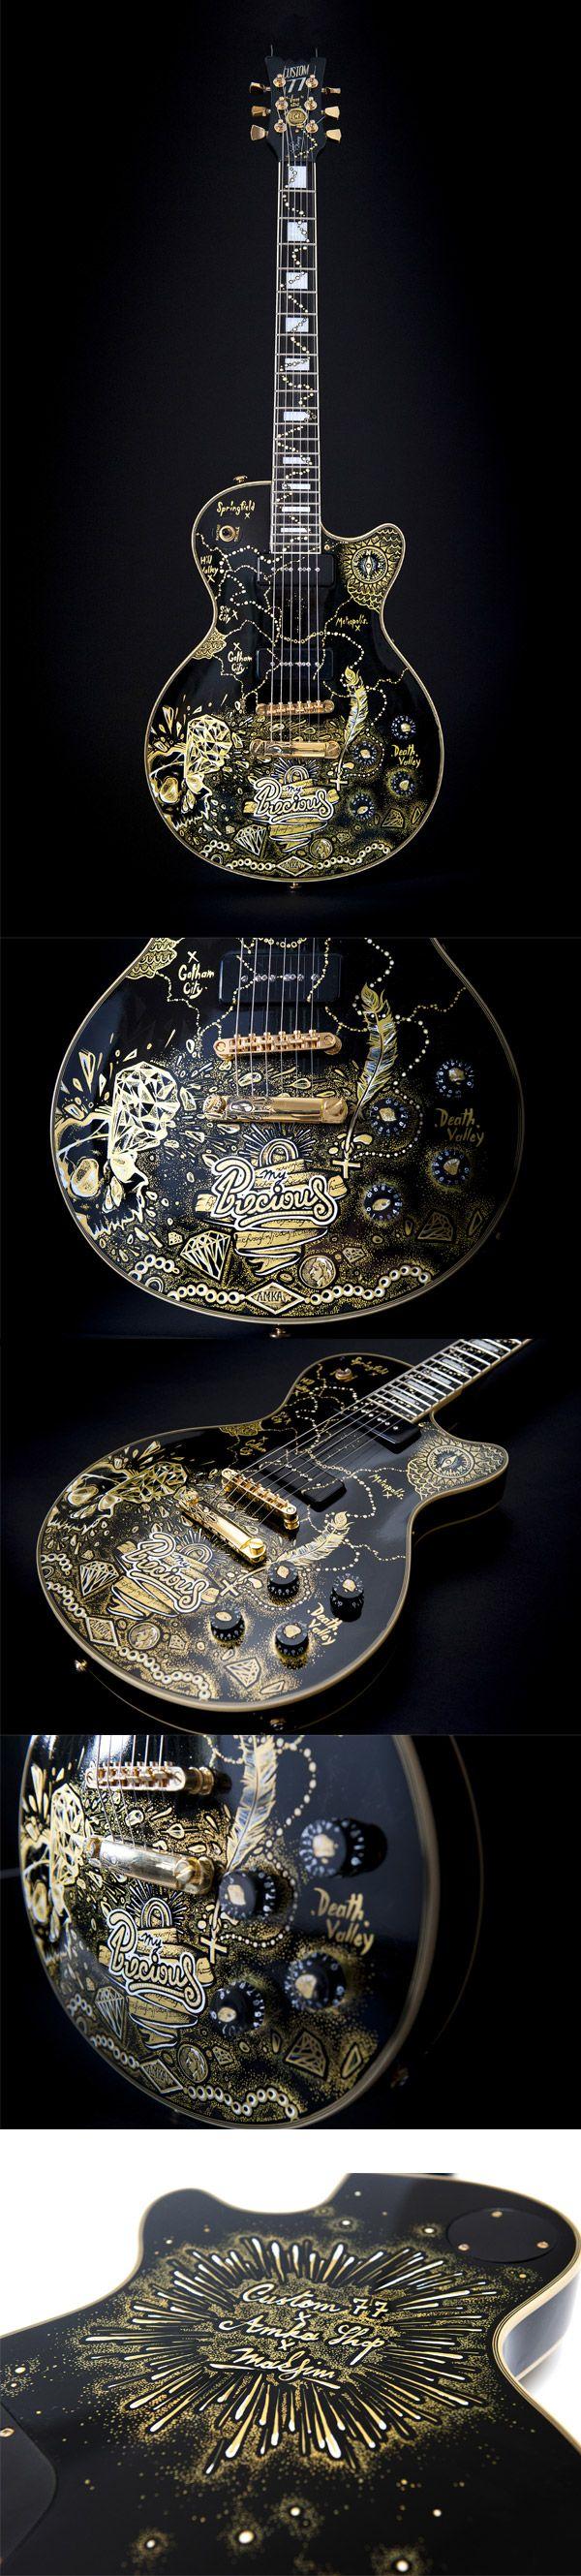 """Une custom guitar intitulée """" My Precious """" par l'artiste Maksim de l' AmkaShop. Retrouvez des cours de #guitare d'un nouveau genre sur MyMusicTeacher.fr"""